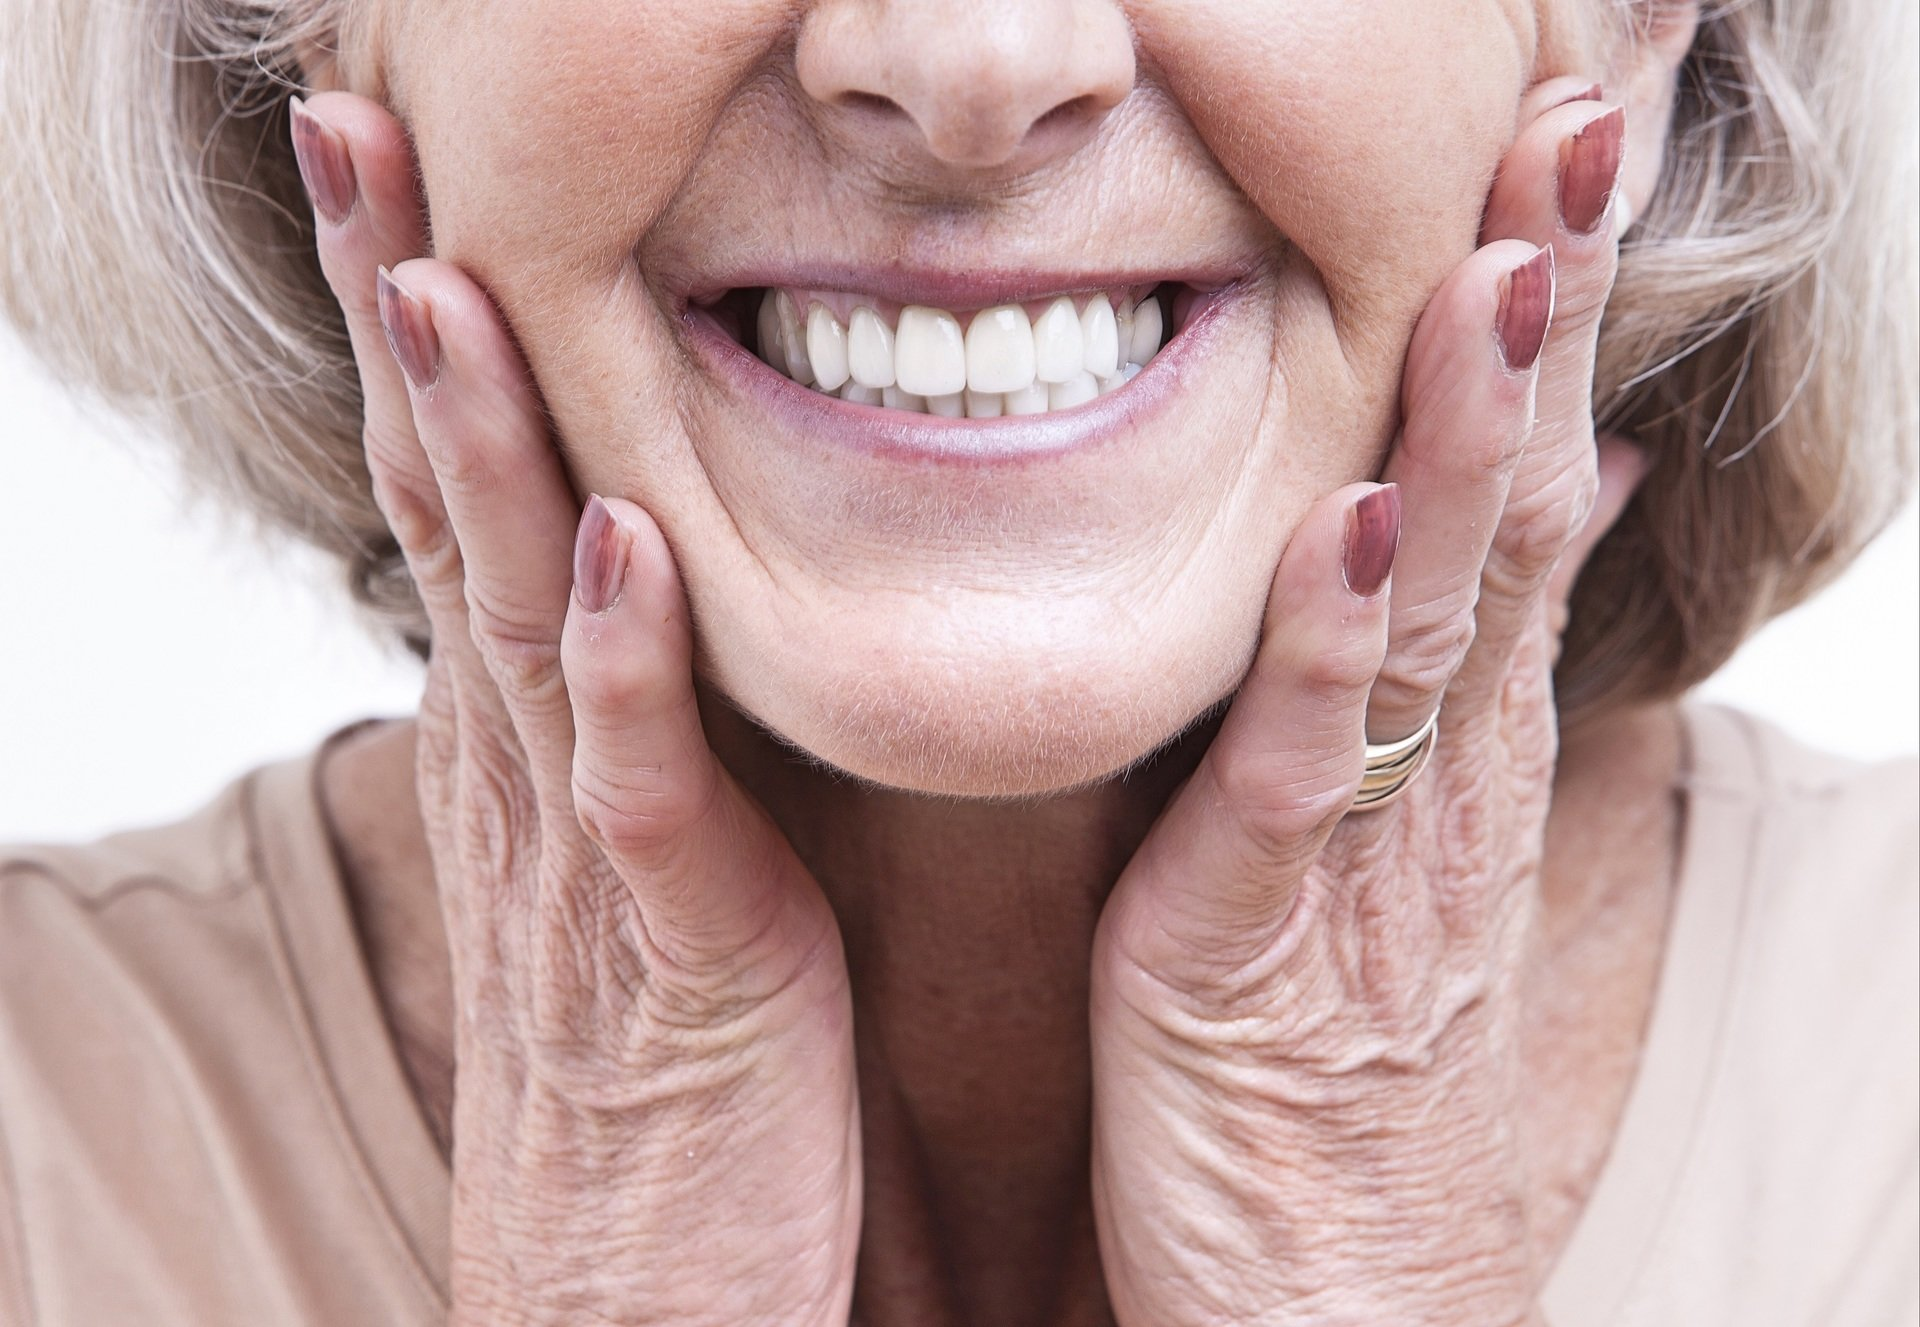 9 milionów. Tylu jest w Polsce użytkowników protez zębowych.